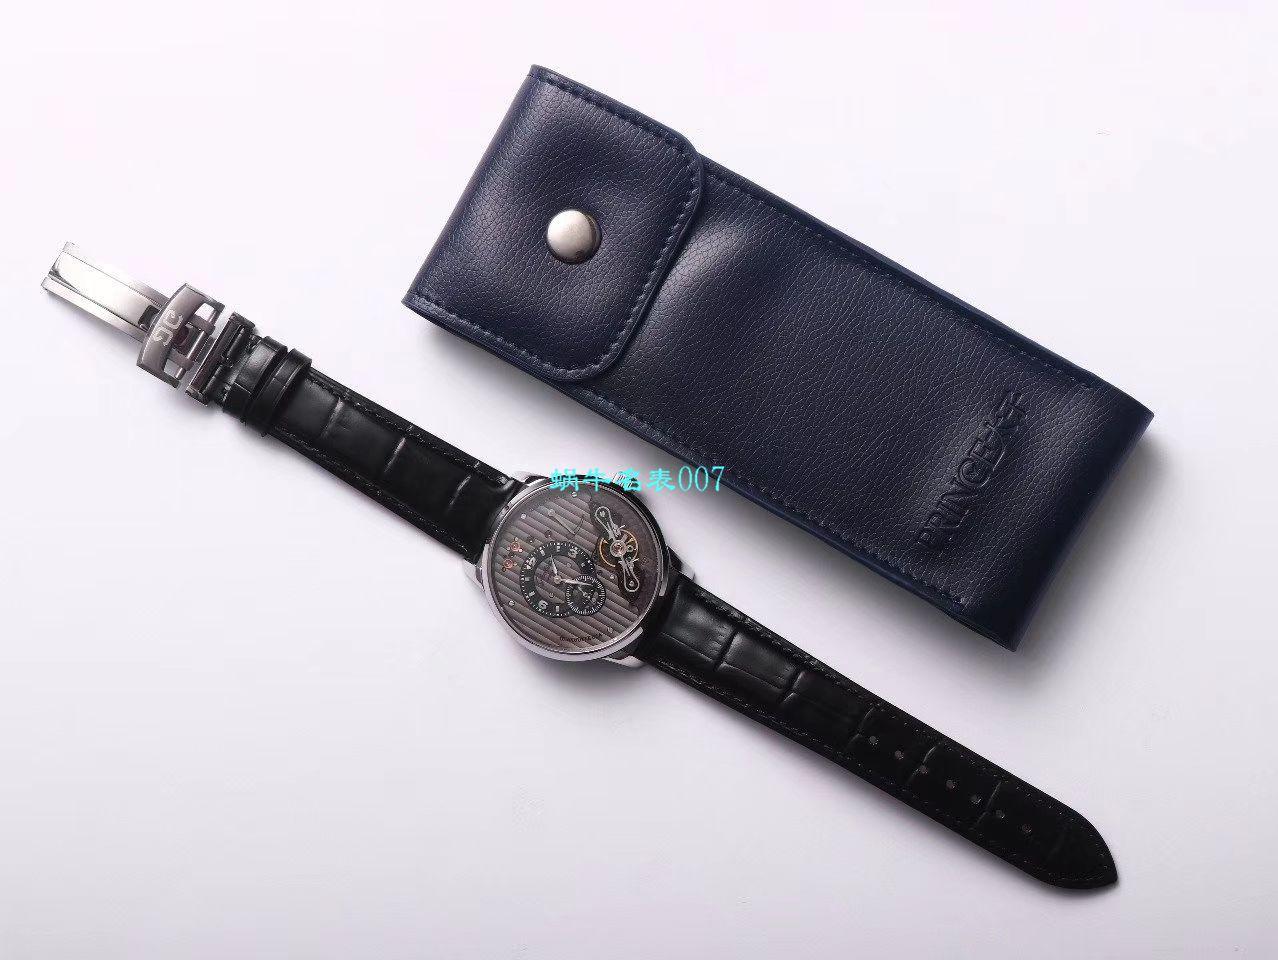 【TZ厂超A精仿手表】格拉苏蒂原创偏心系列1-91-02-01-05-30腕表 / GLA058